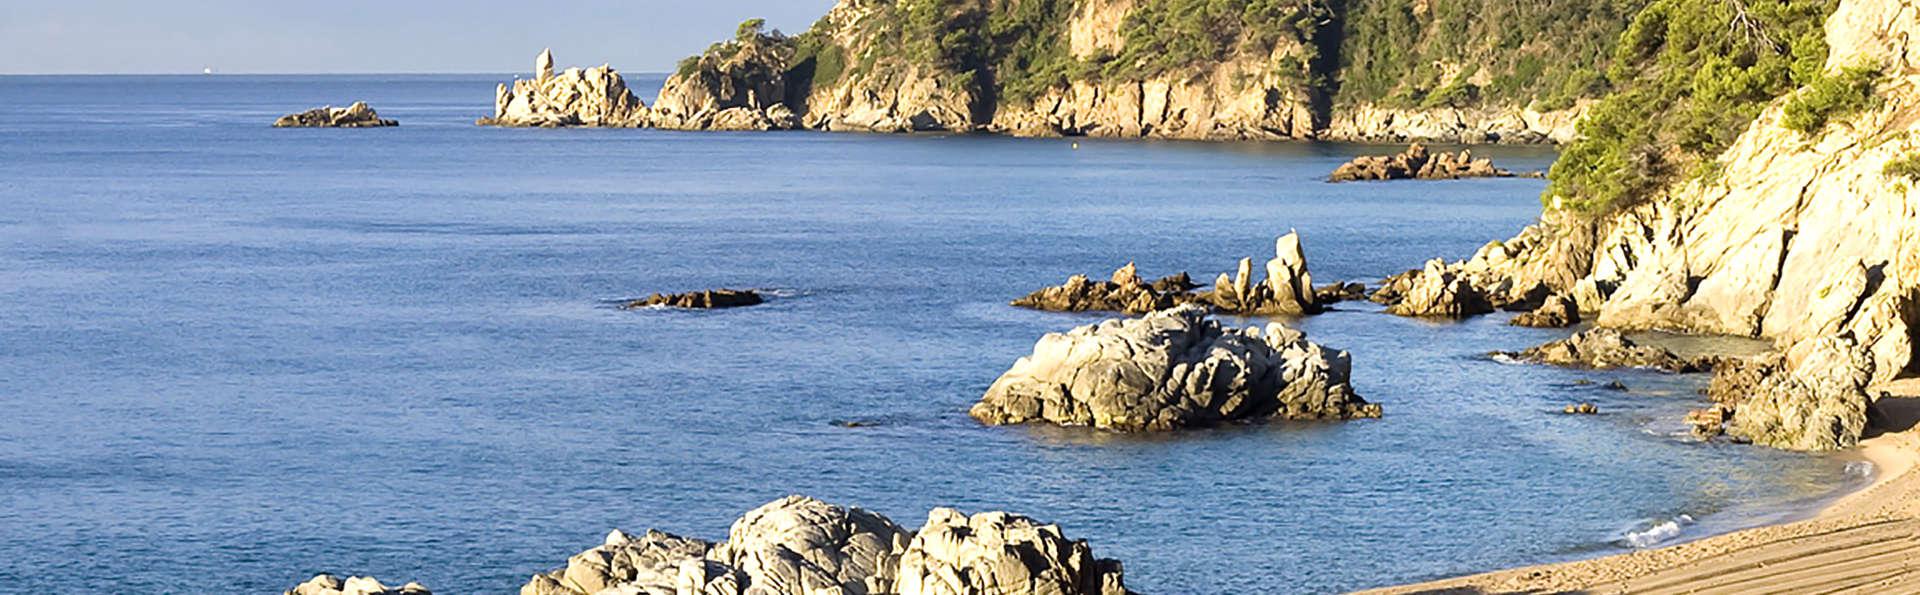 Découvrez la Costa Brava à Lloret de Mar en pension complète (à partir de 3 nuits)